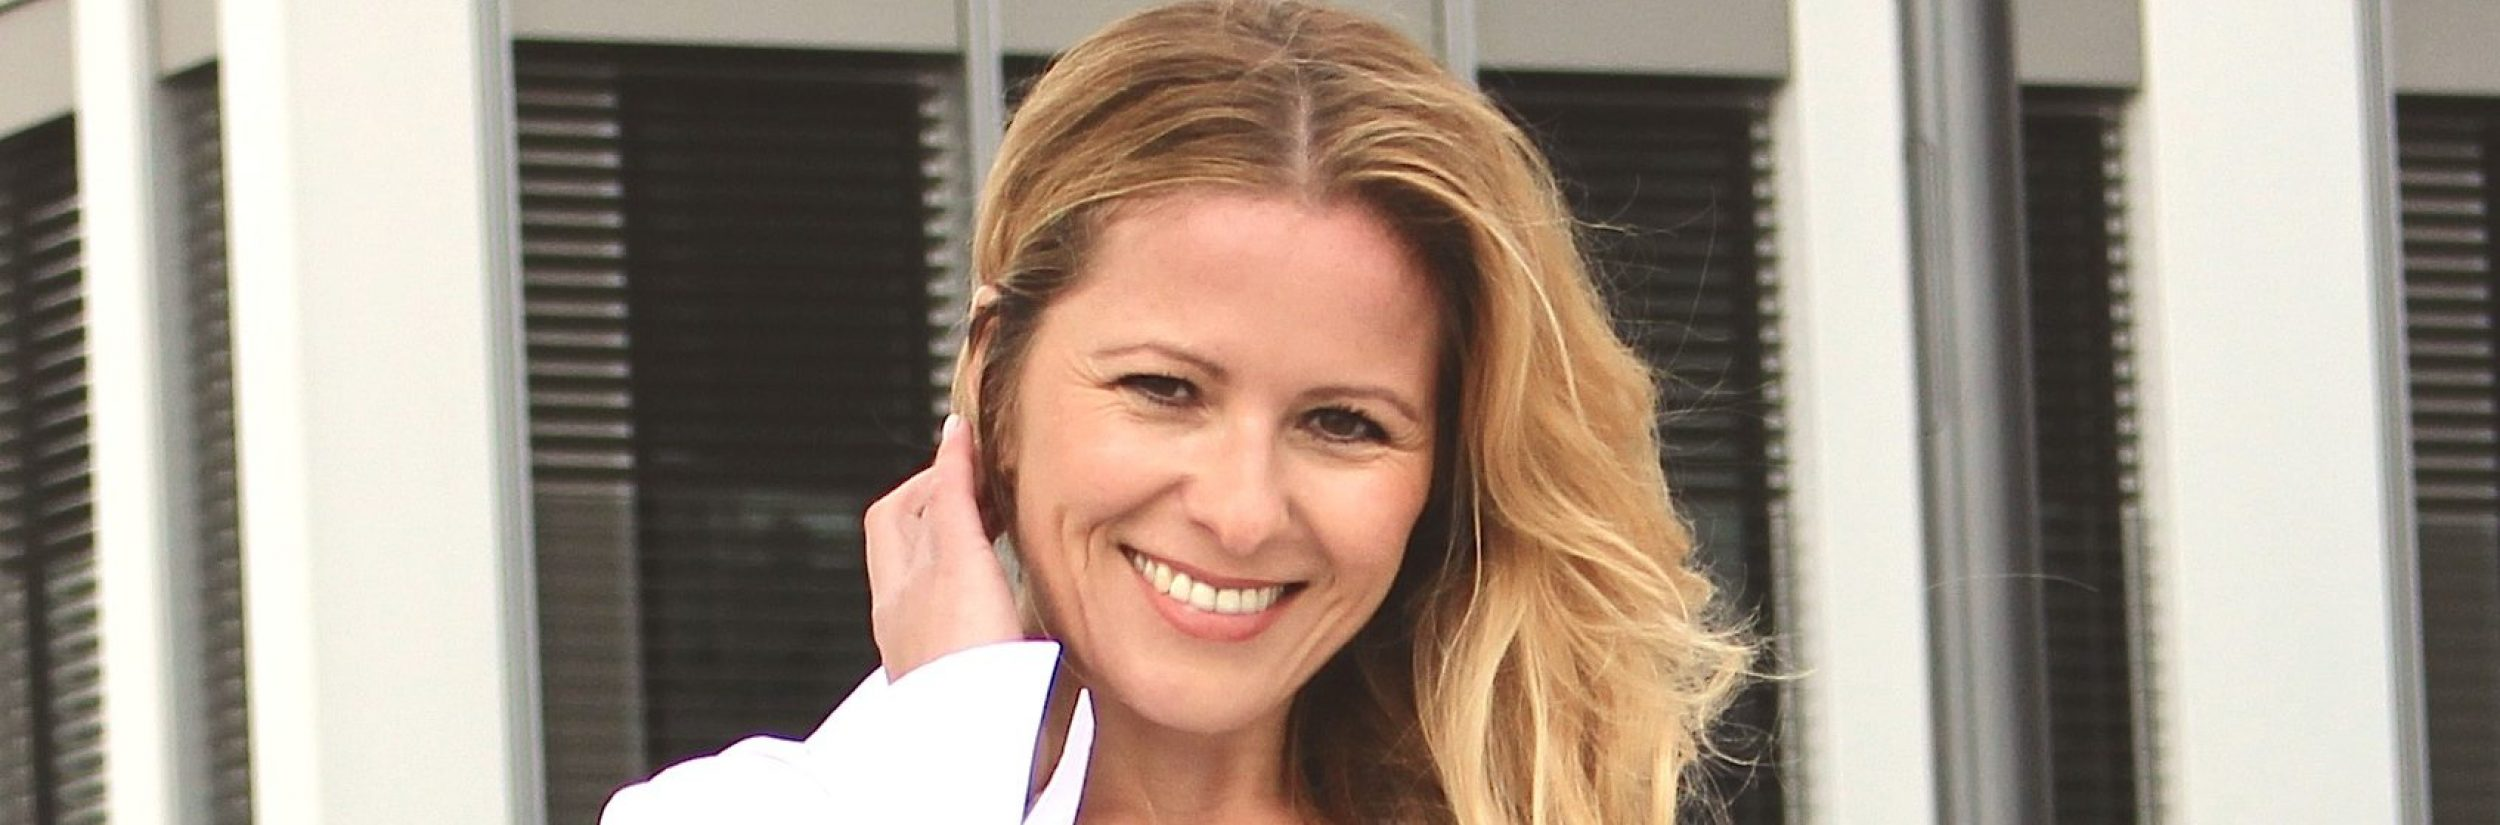 Eileen Jacobs Coaching